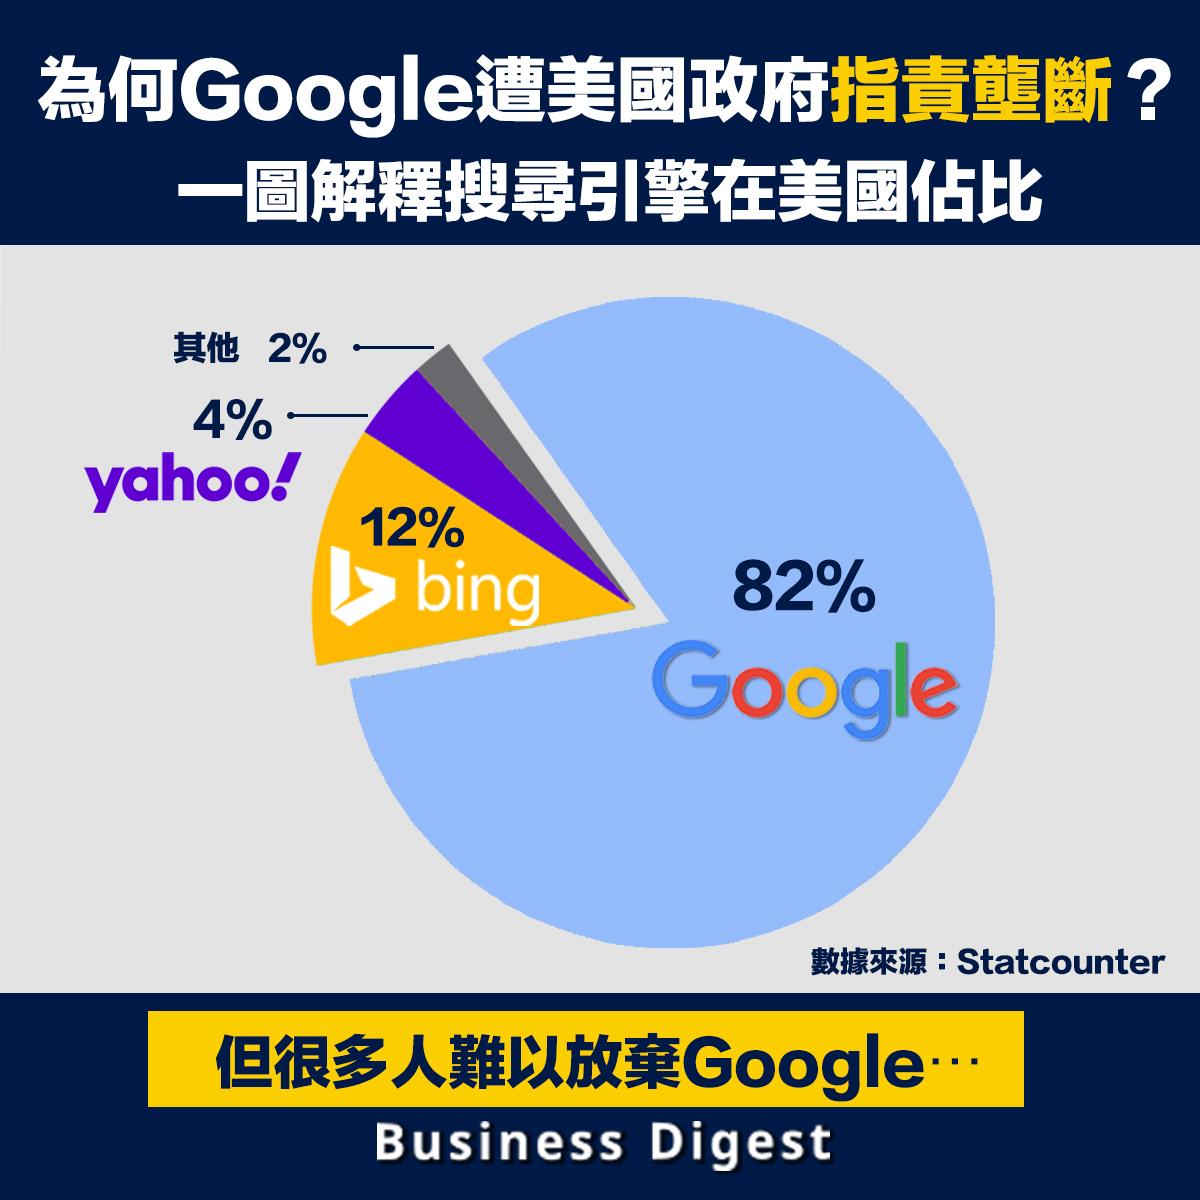 Statcounter數據顯示,目前Google在美國的市場份額在PC設備上佔81.5%